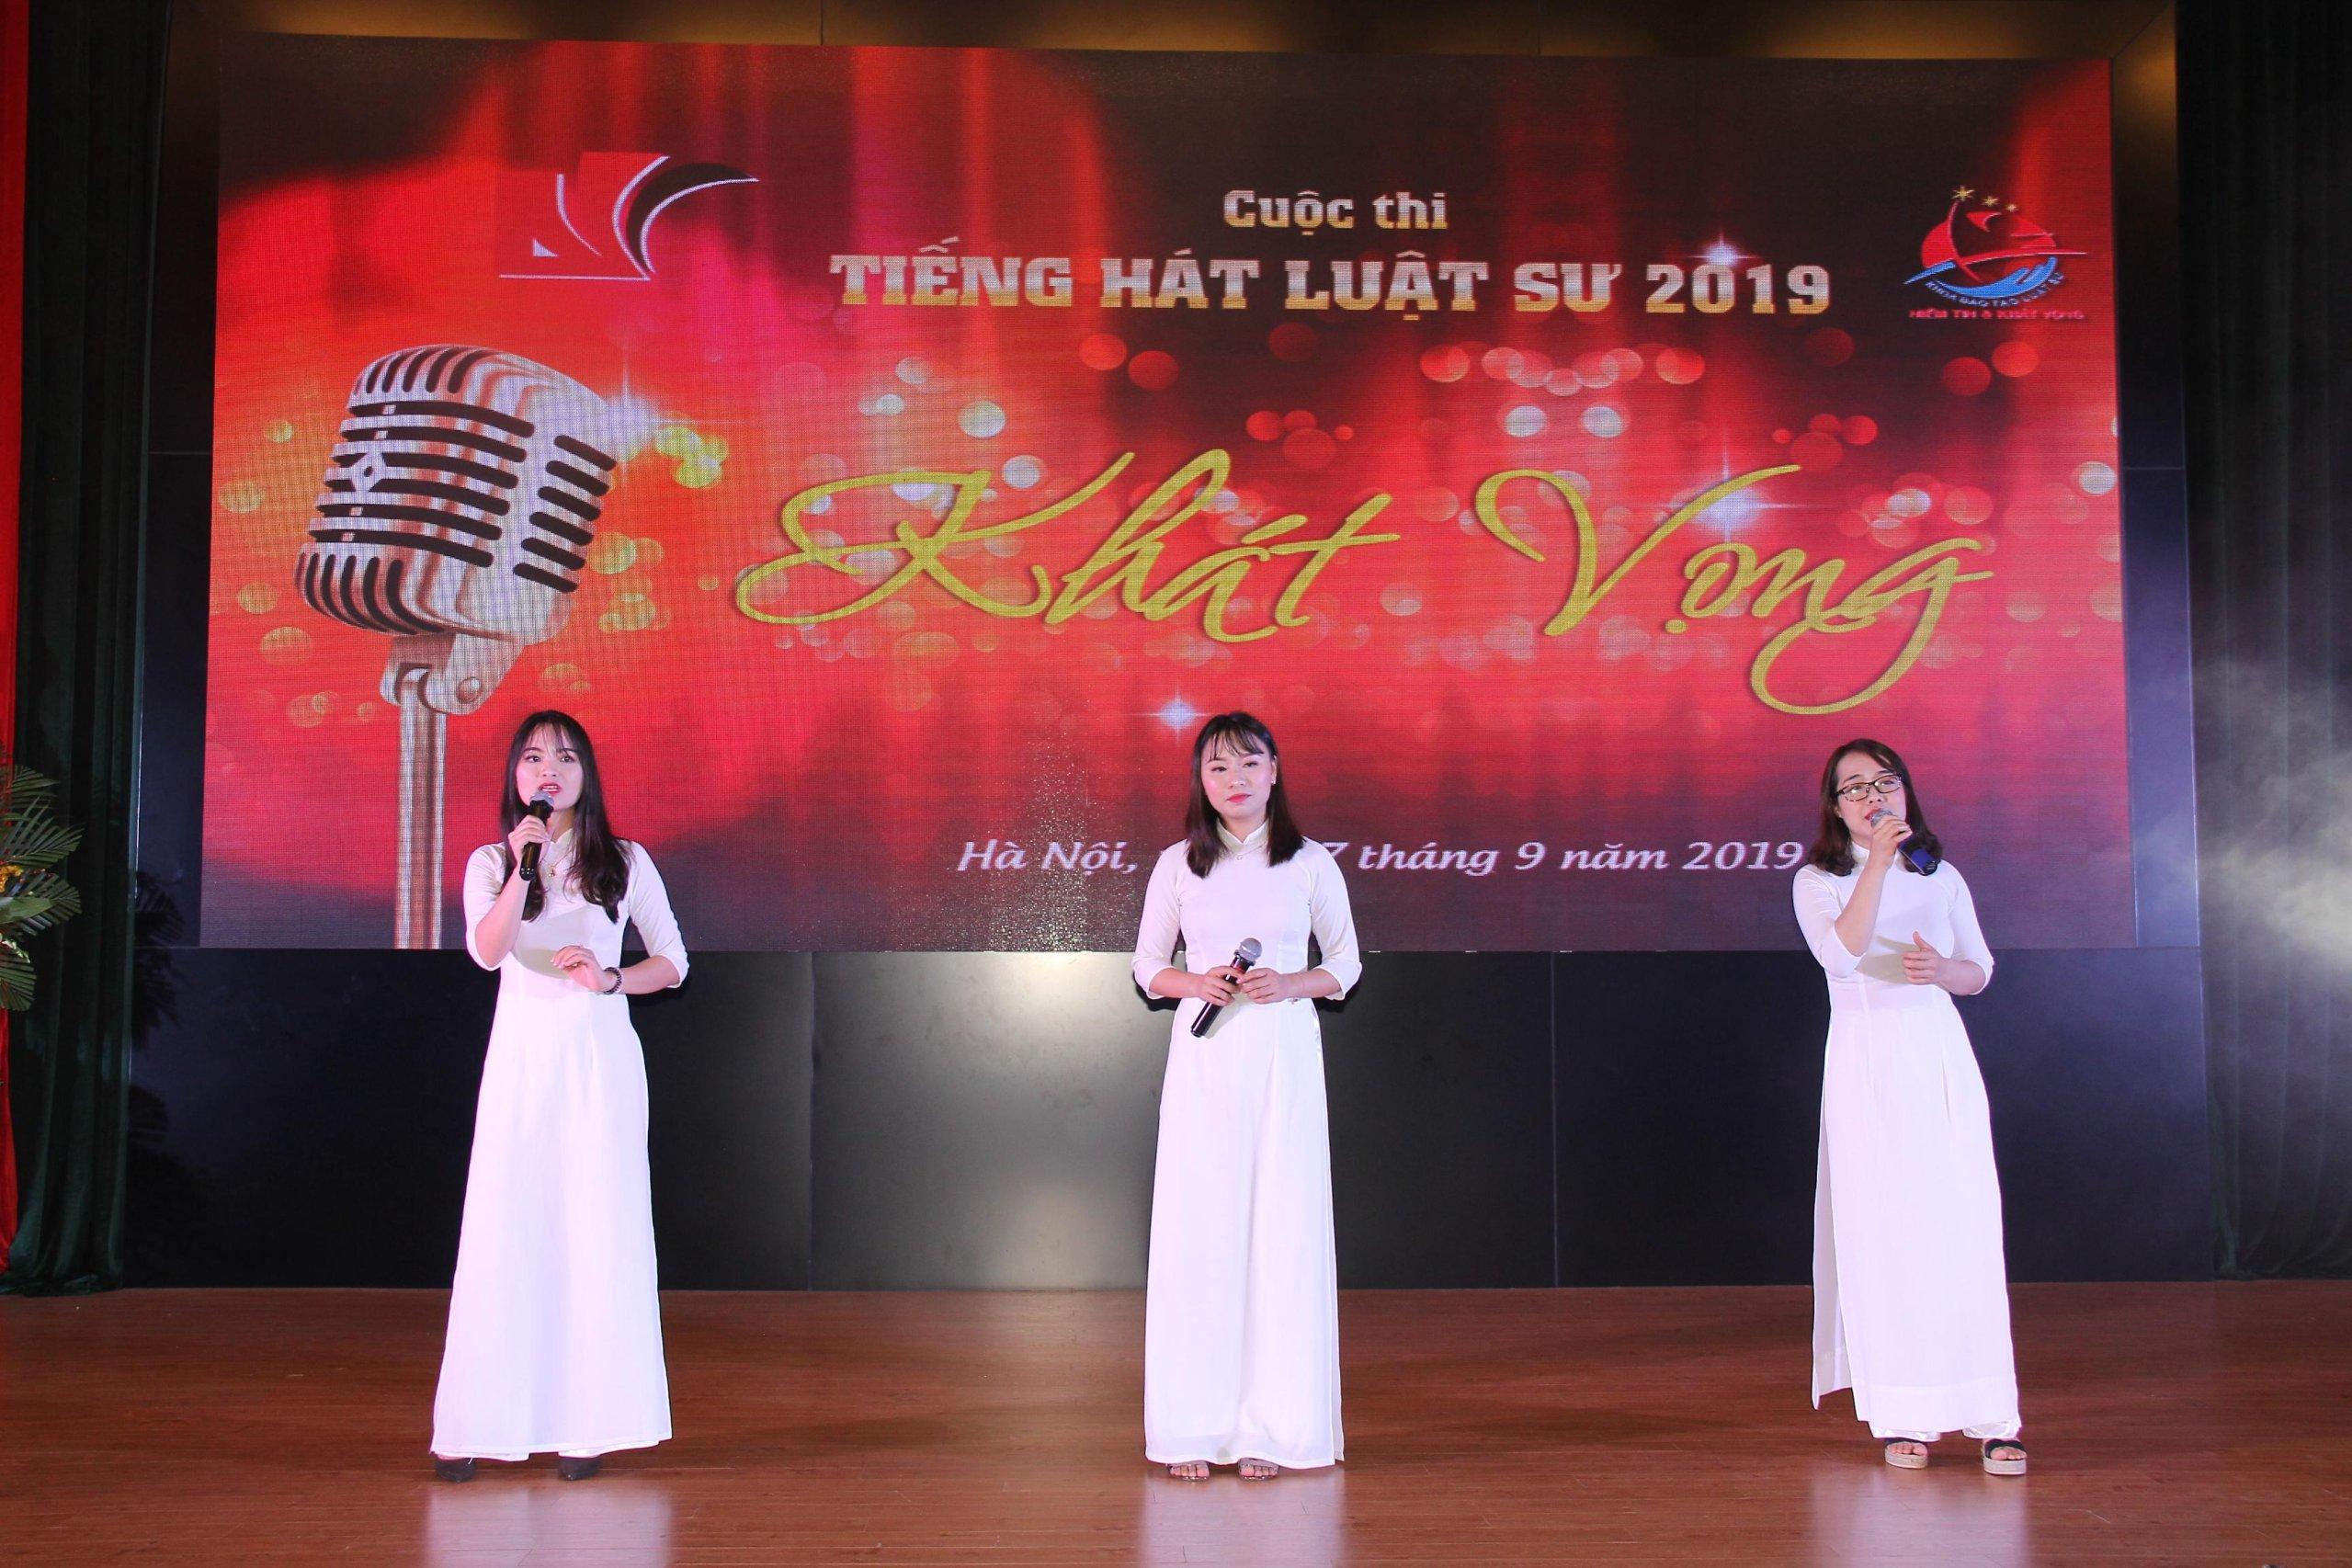 Cuộc thi Tiếng hát Luật sư 2019: Kỷ niệm 15 năm thành lập khoa Đào tạo luật sư – HVTP - Ảnh 7